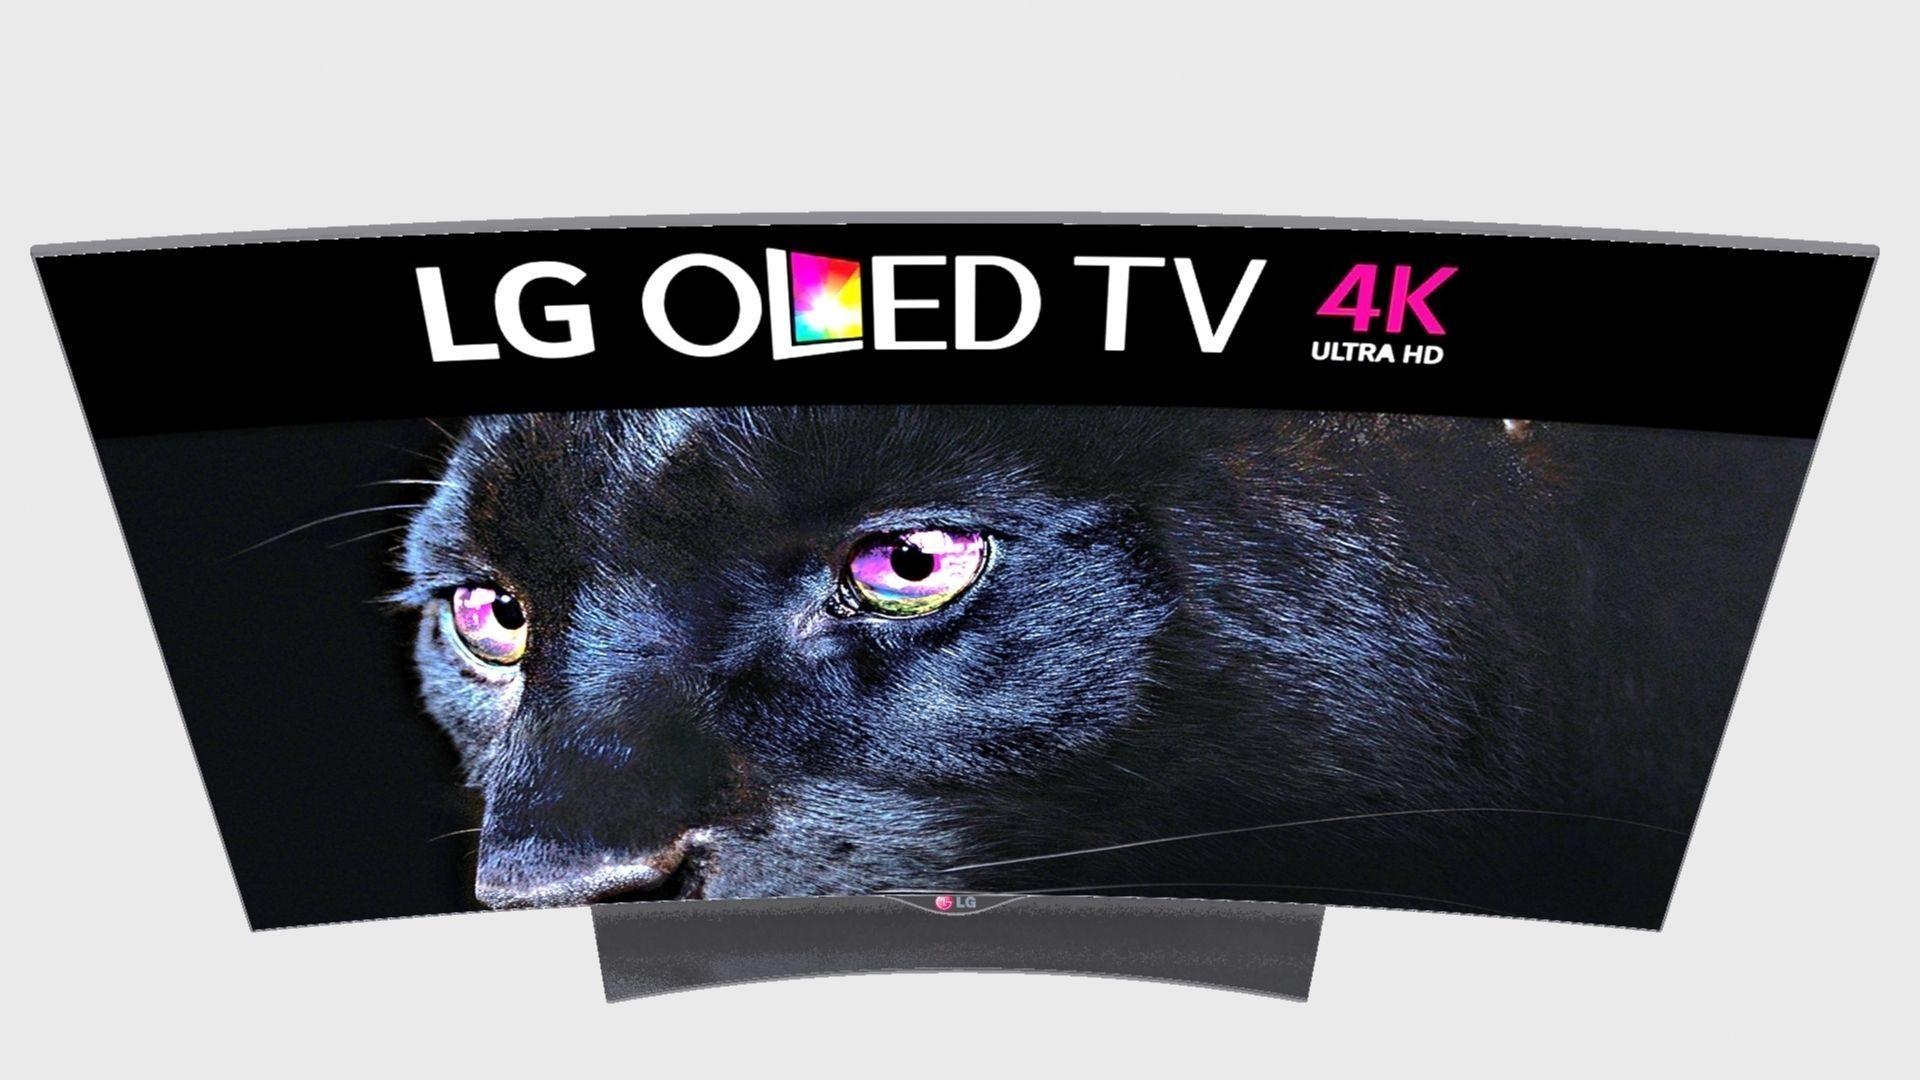 lg oled 4k tv 3d model max obj 3ds fbx. Black Bedroom Furniture Sets. Home Design Ideas